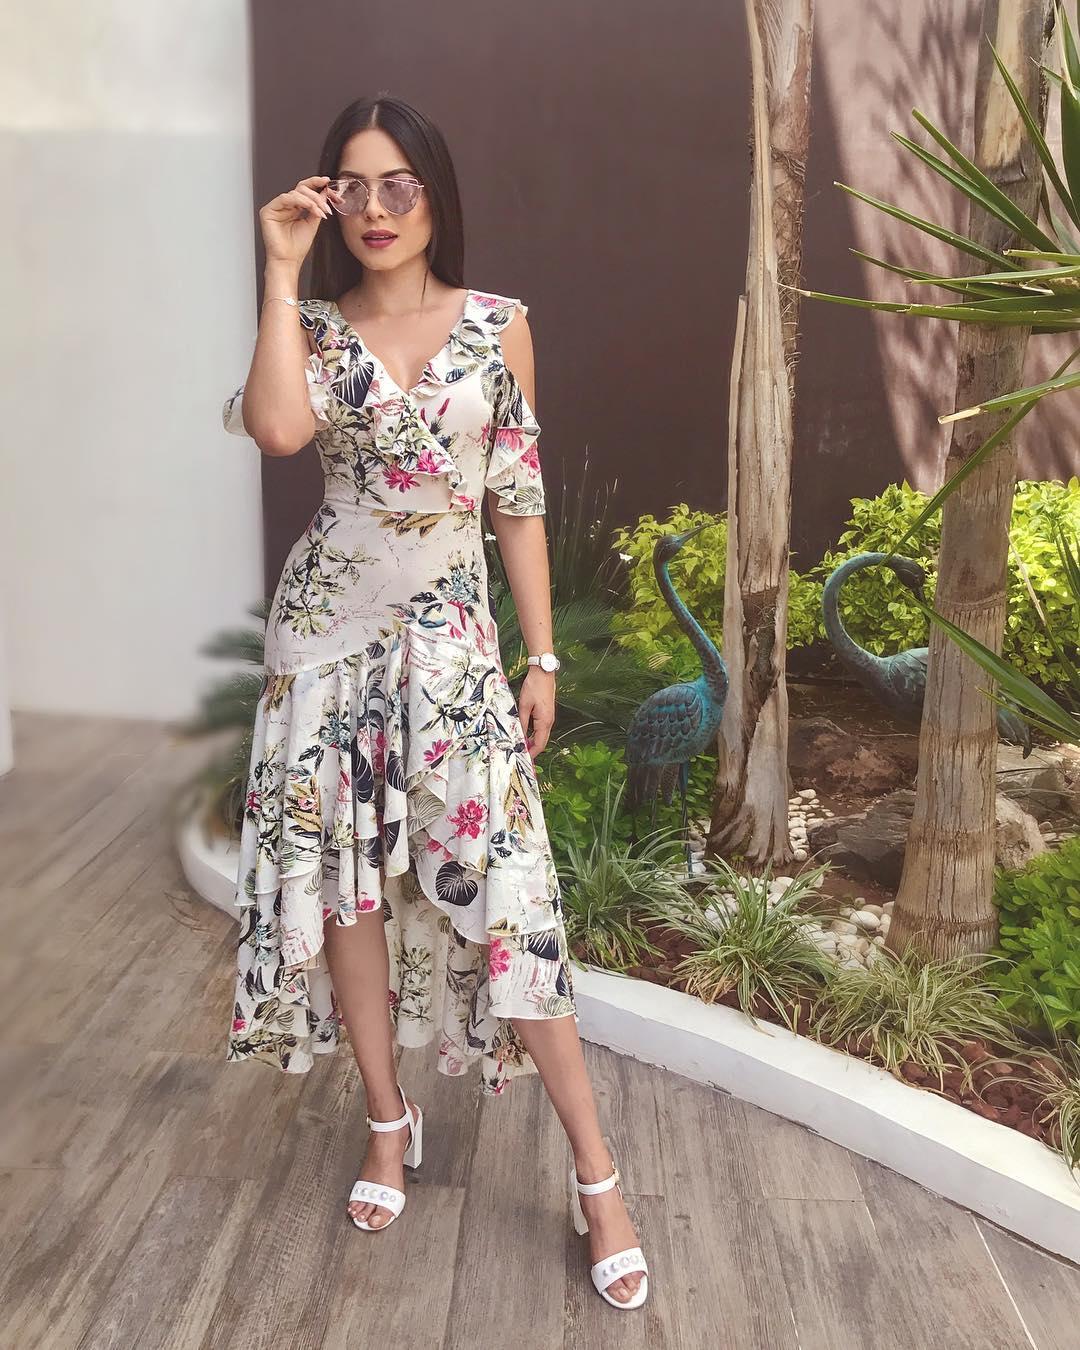 Style đời thường của Tân Hoa hậu Hoàn vũ Mexico: Chuẩn 'bánh bèo chúa' khi diện toàn váy áo hoa lá hẹ - 6